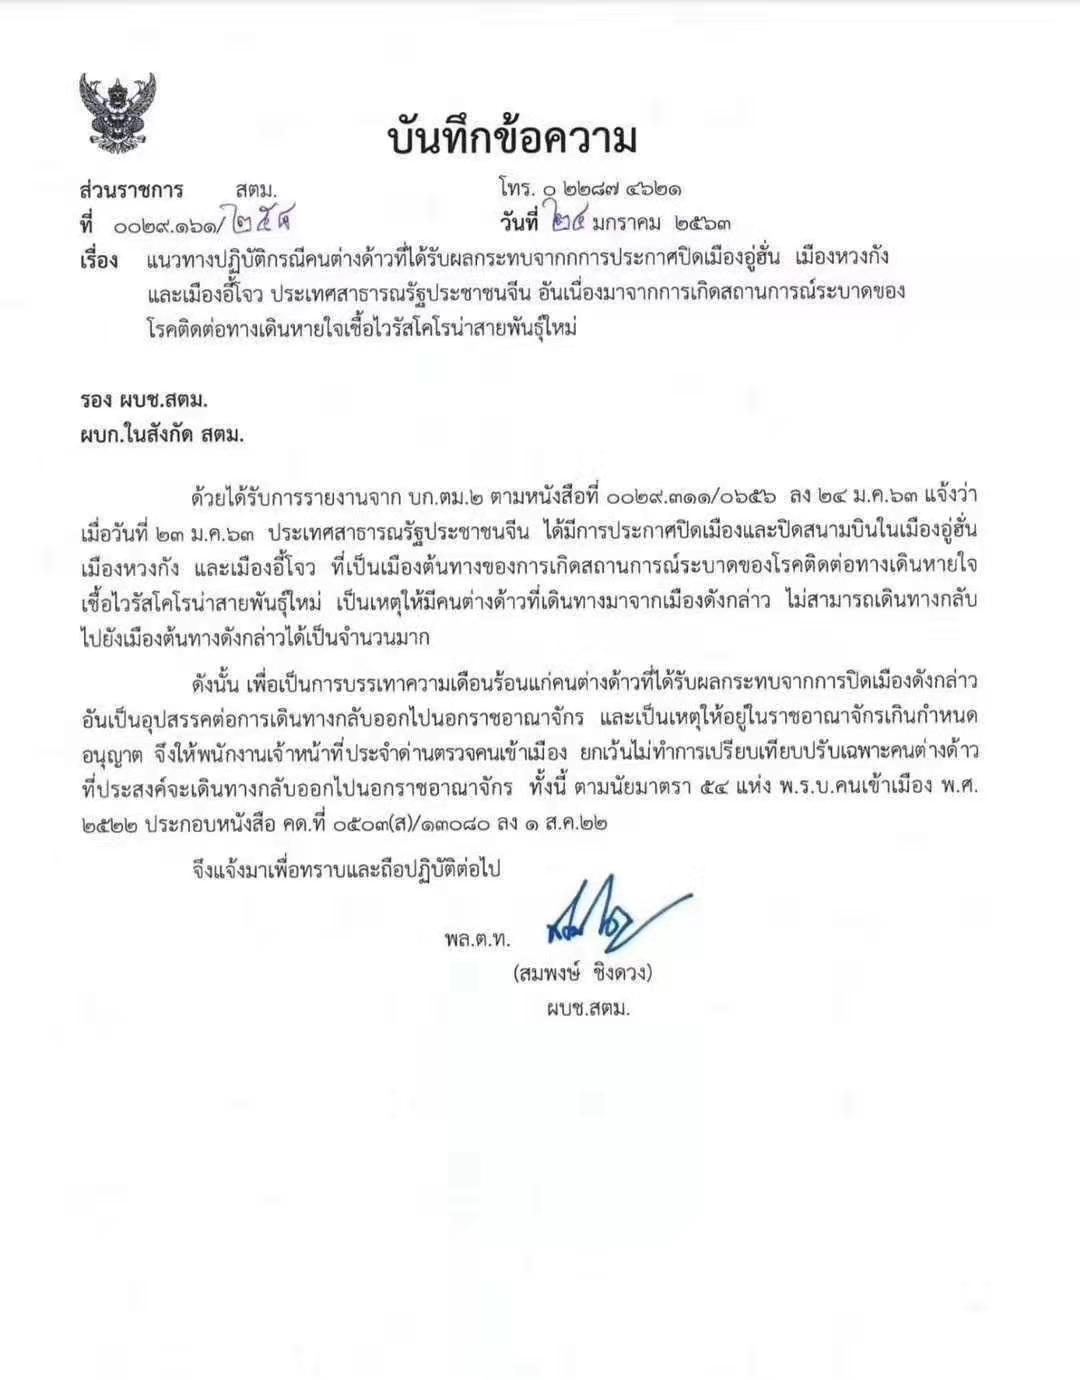 官宣:泰国允许湖北省游客延长落地签,最长可续签2个月